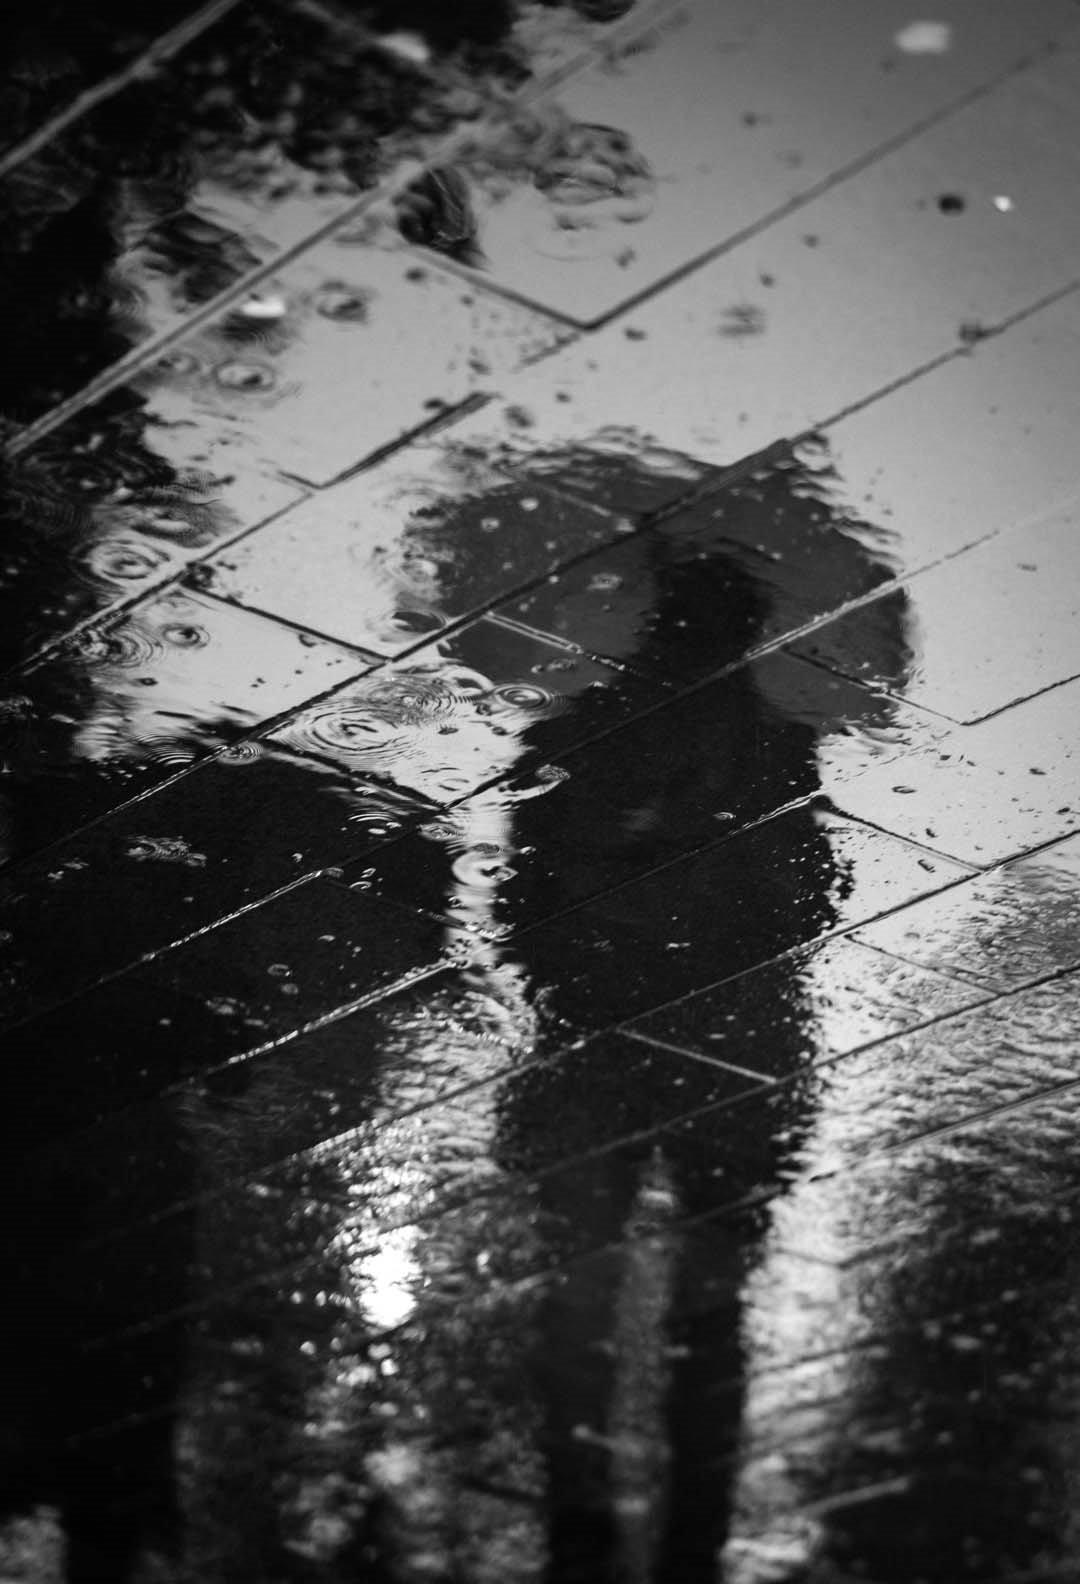 rainy pavement - Wallect